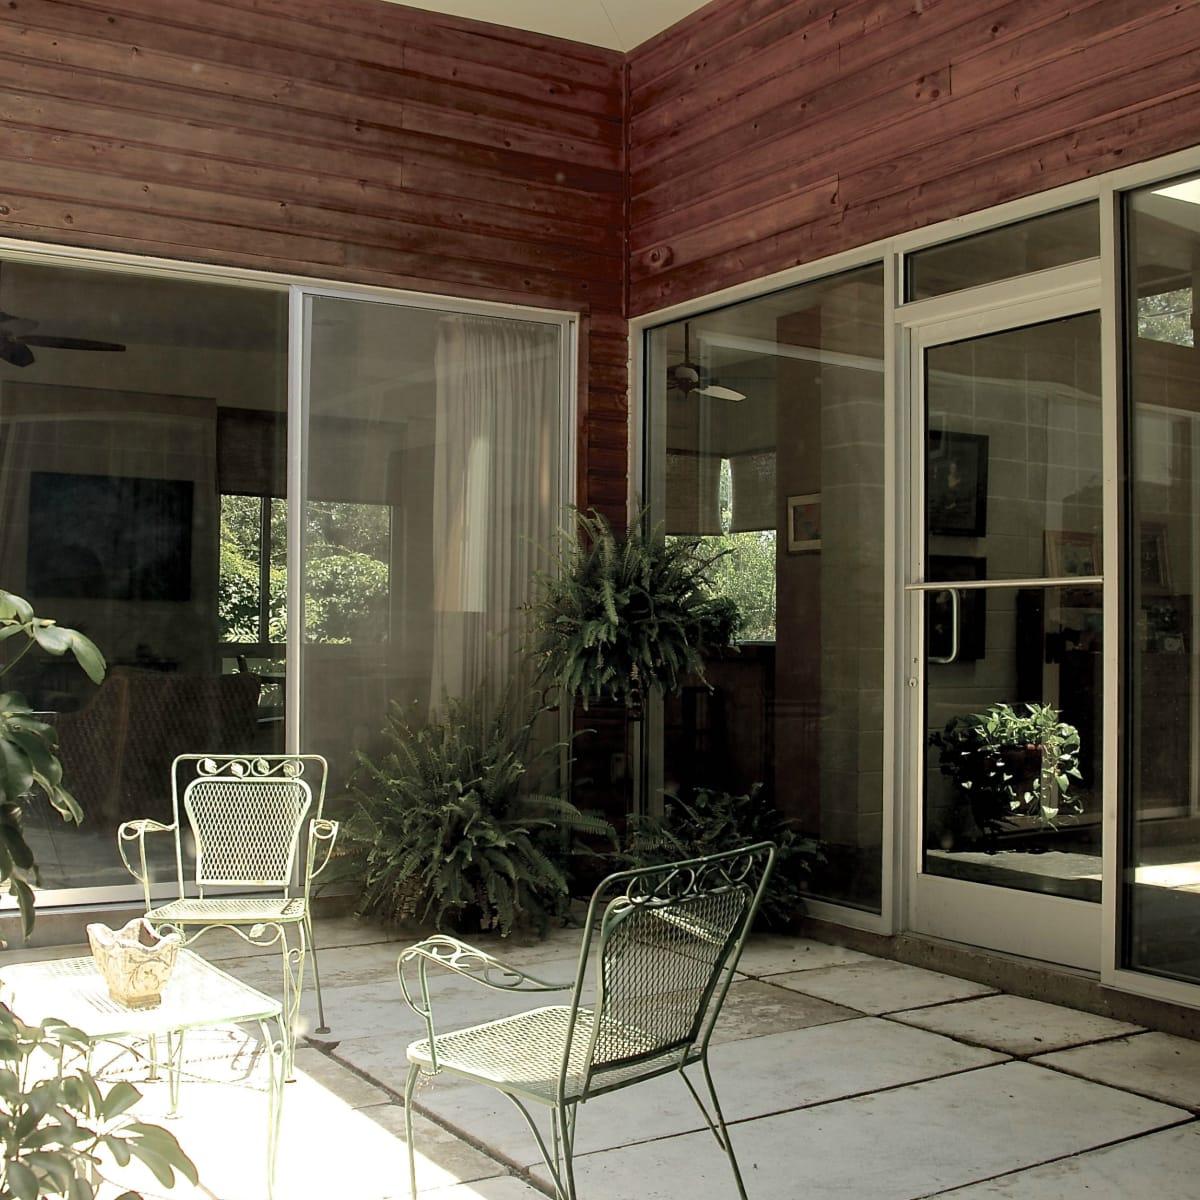 Austin home house 1011 E. 15th St. 78702 2015 courtyard